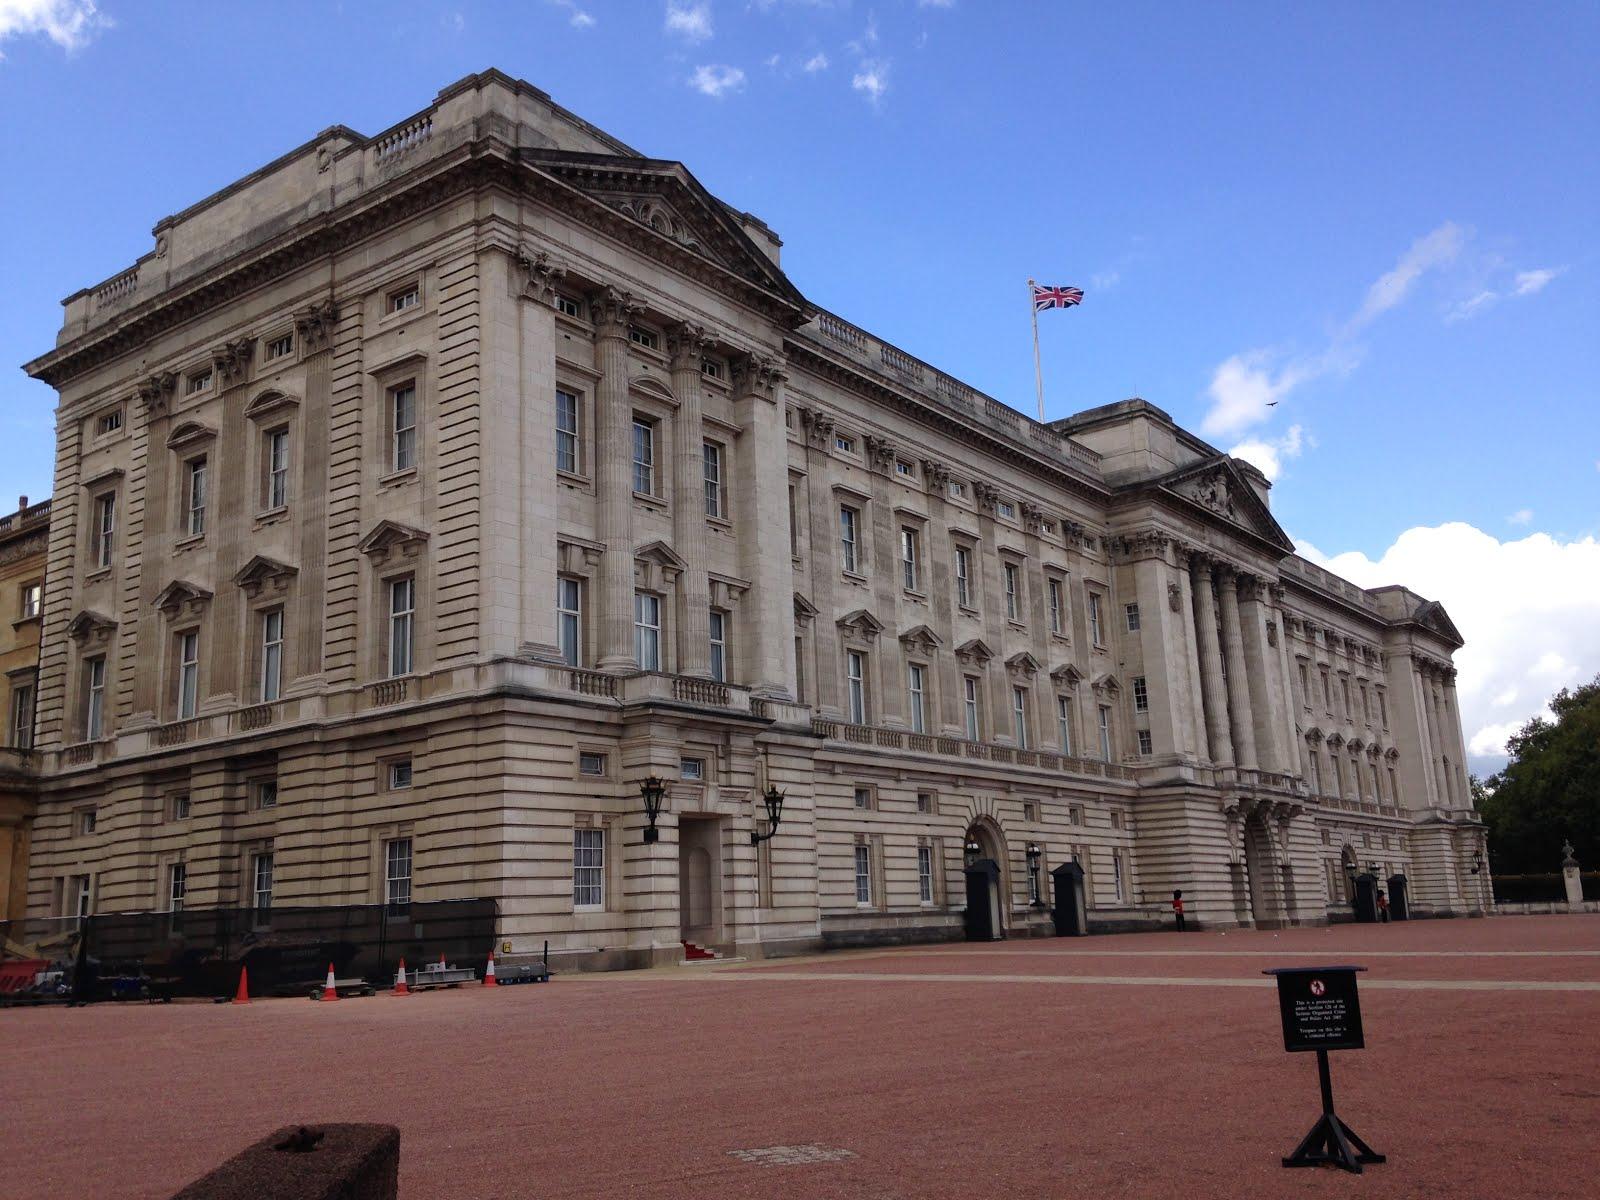 # 26 Visit Buckingham Palace